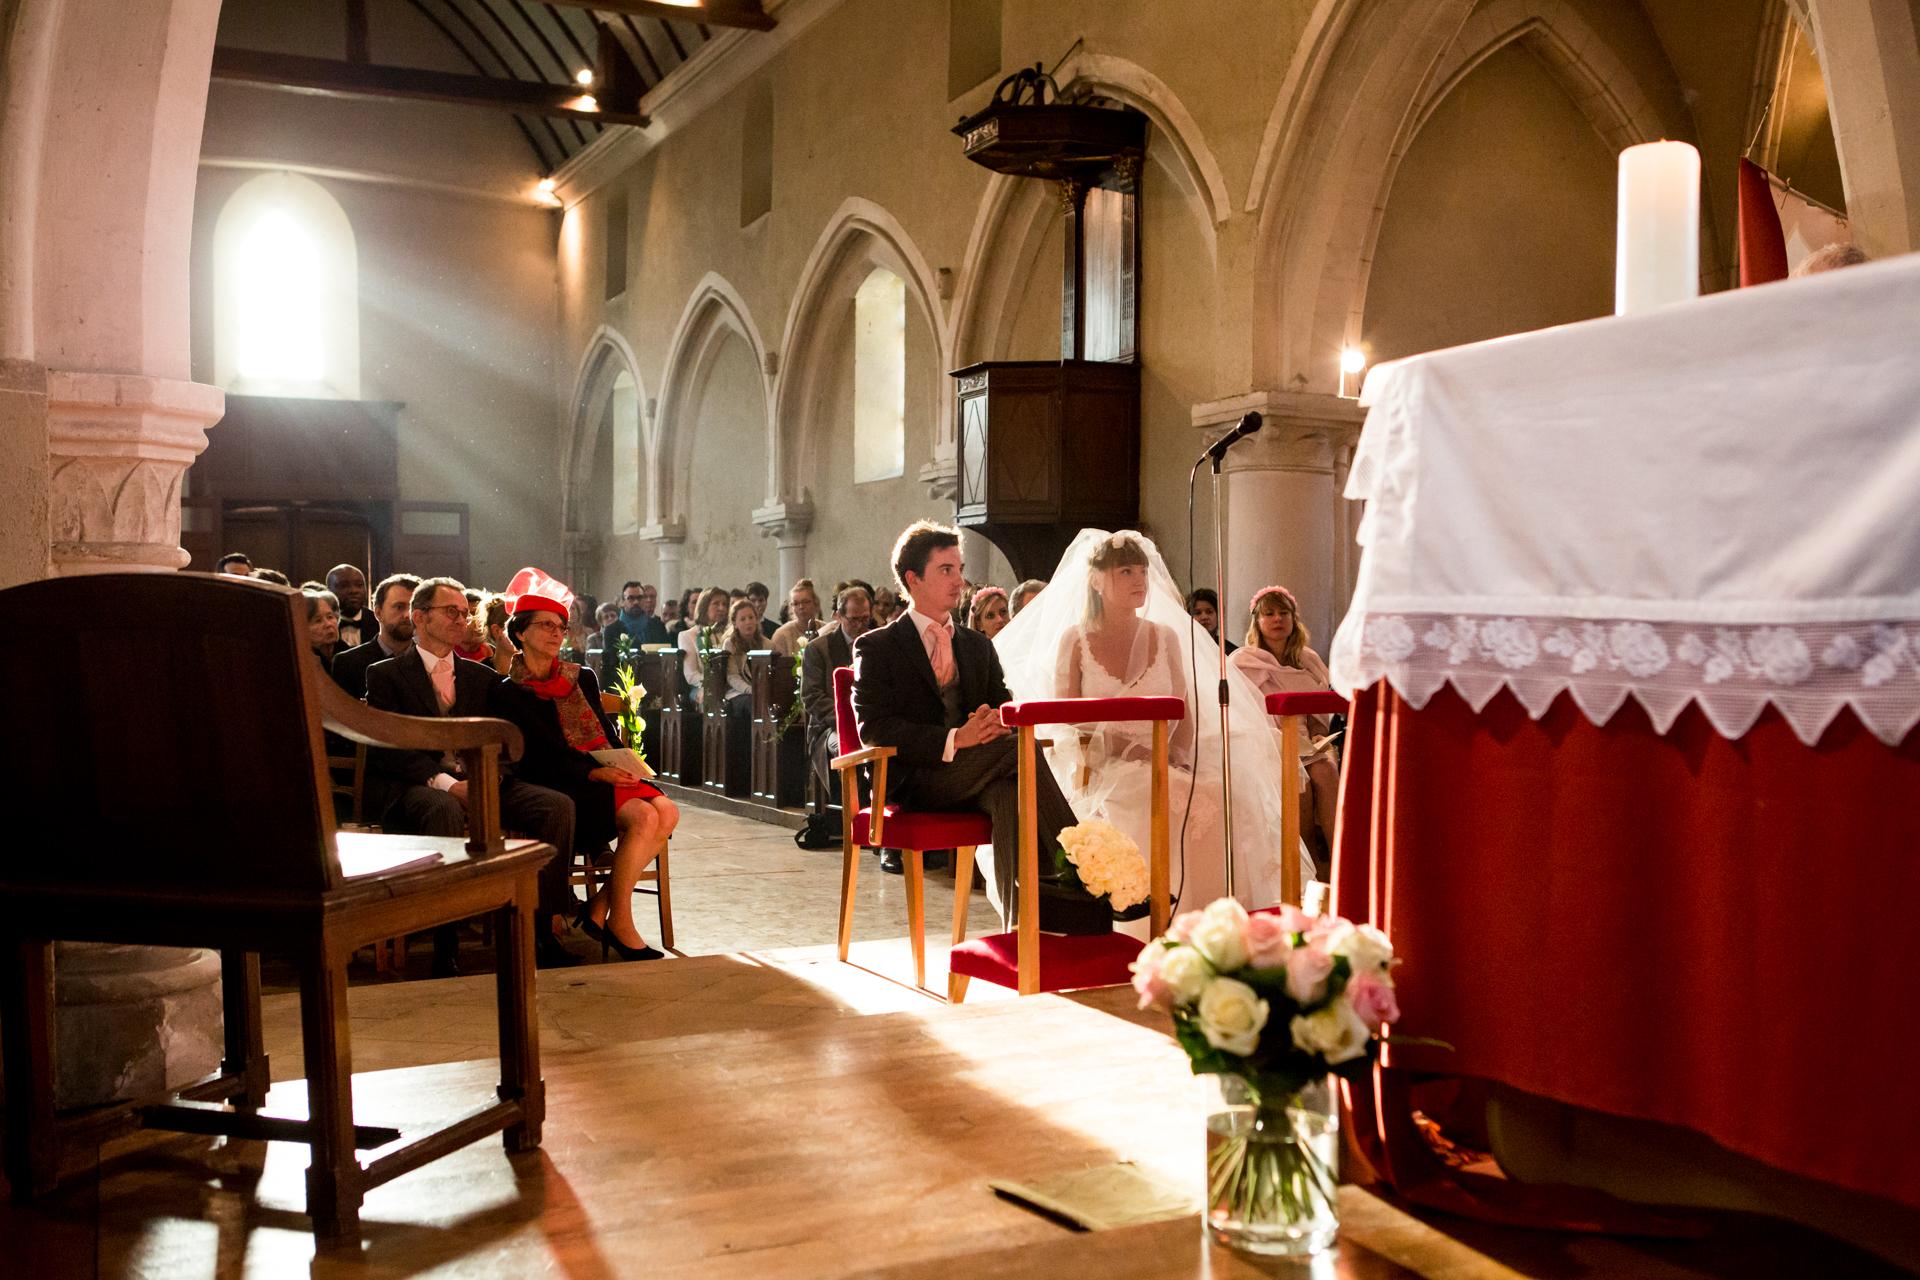 photographe de mariage à l'église en normandie